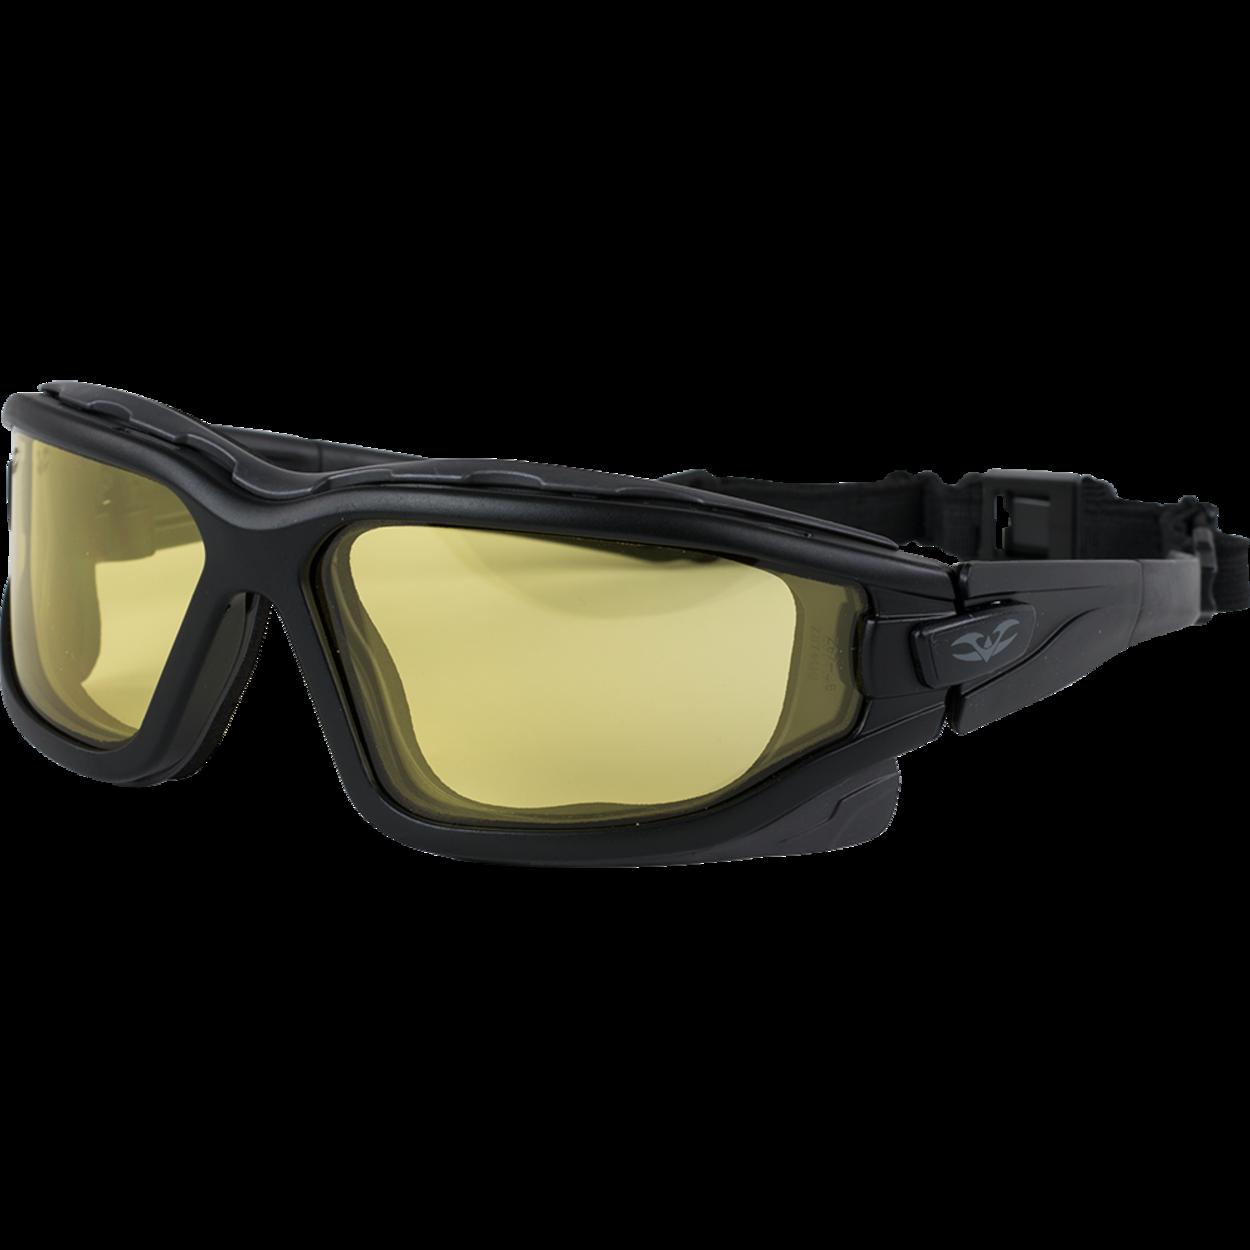 Airsoft Brille / Schießbrille Valken Zulu gelb